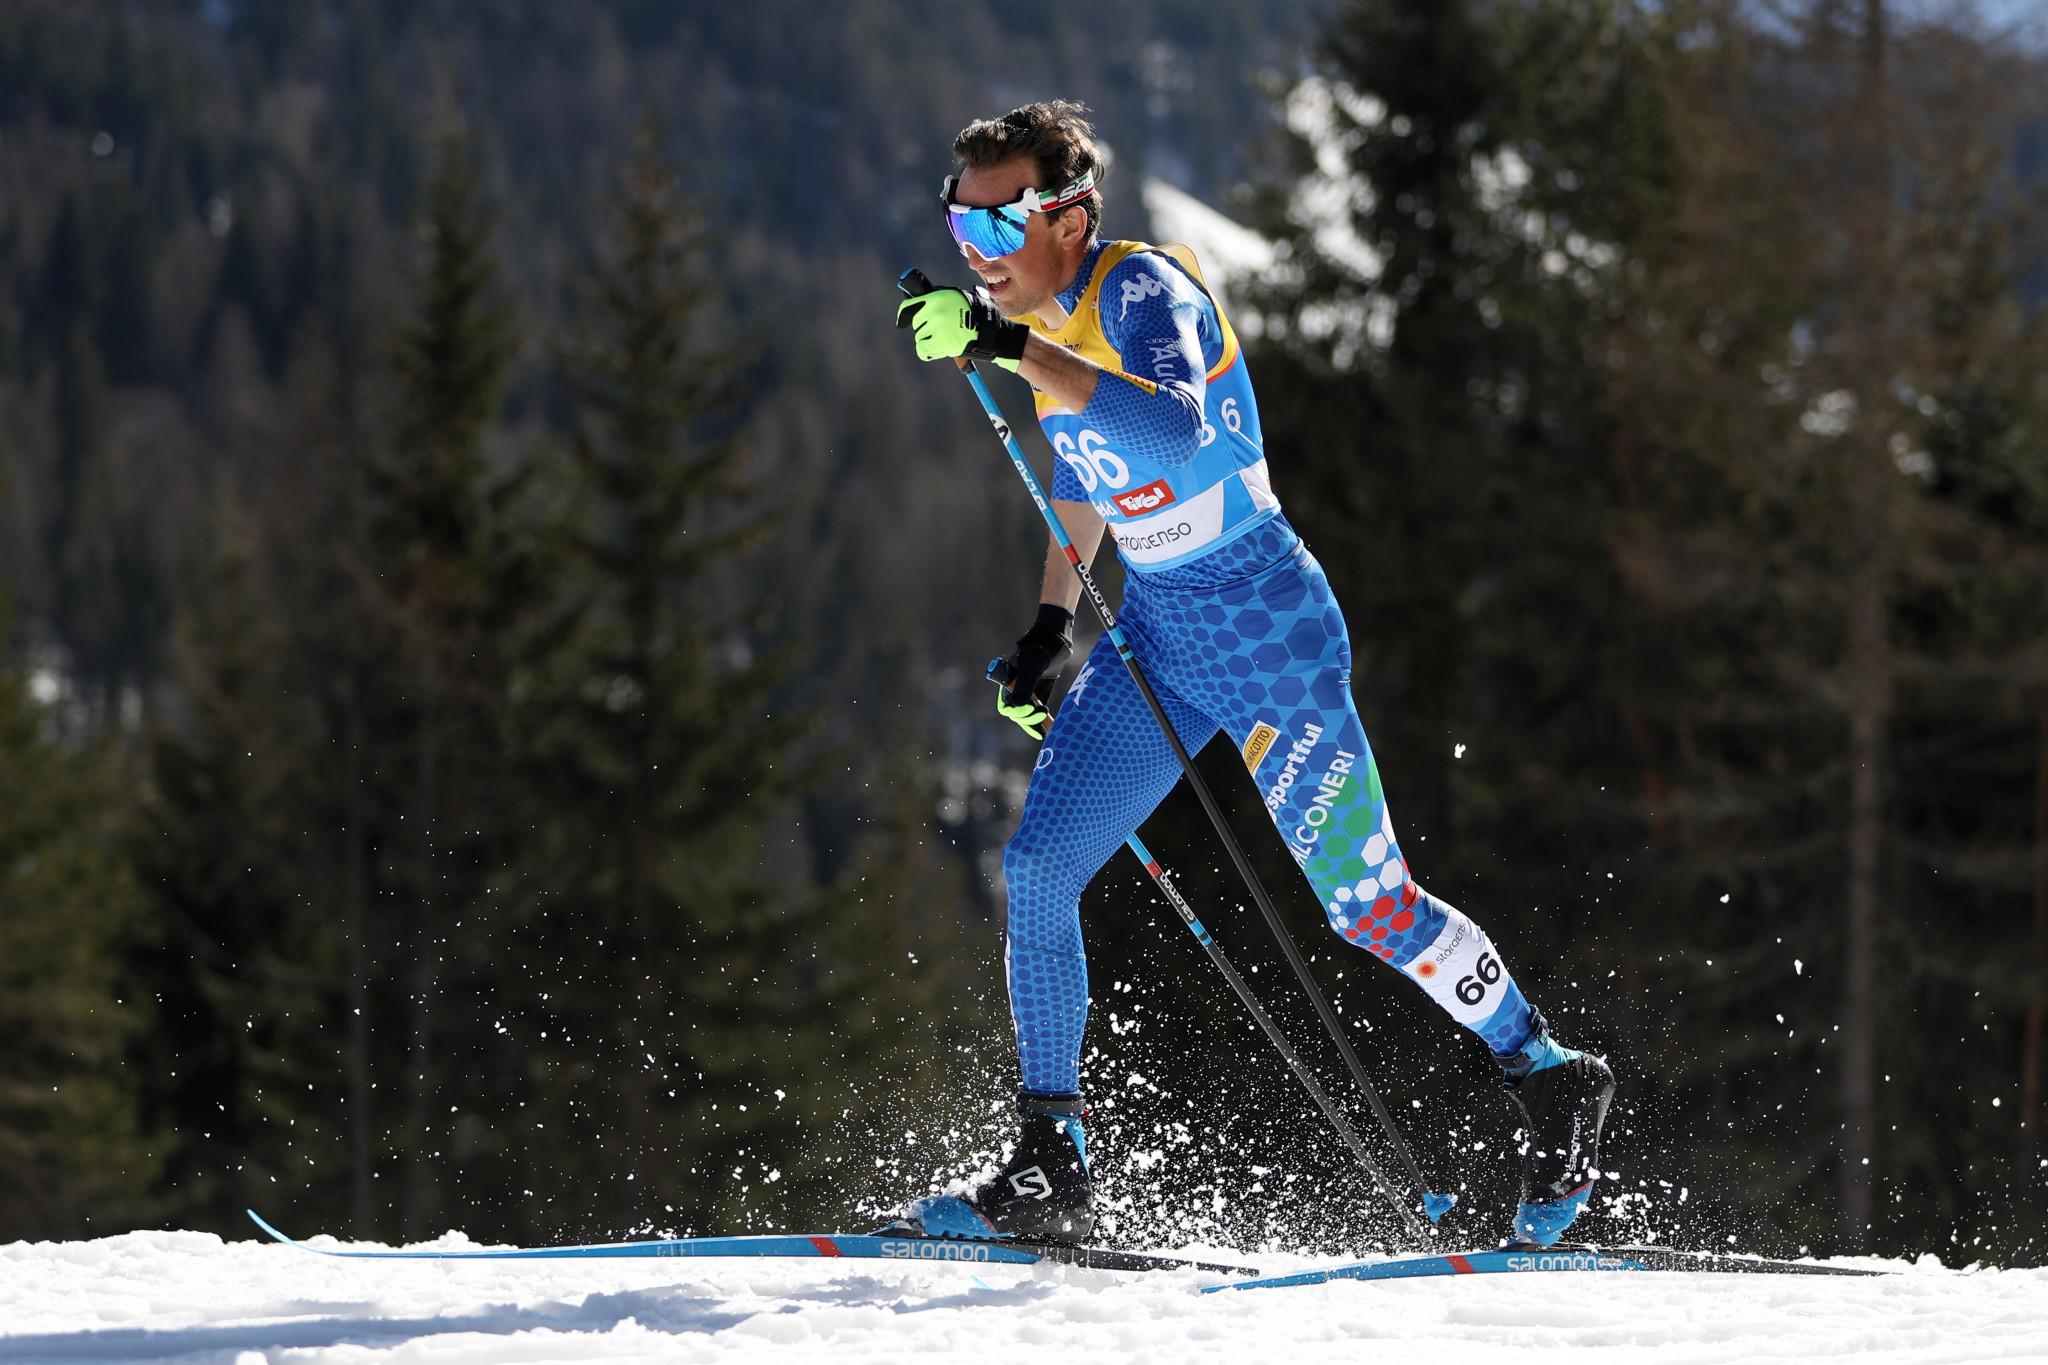 Франческо де Фабиани считает, что связь с российской командой поможет ему развиваться как кросс-кантри © Getty Images